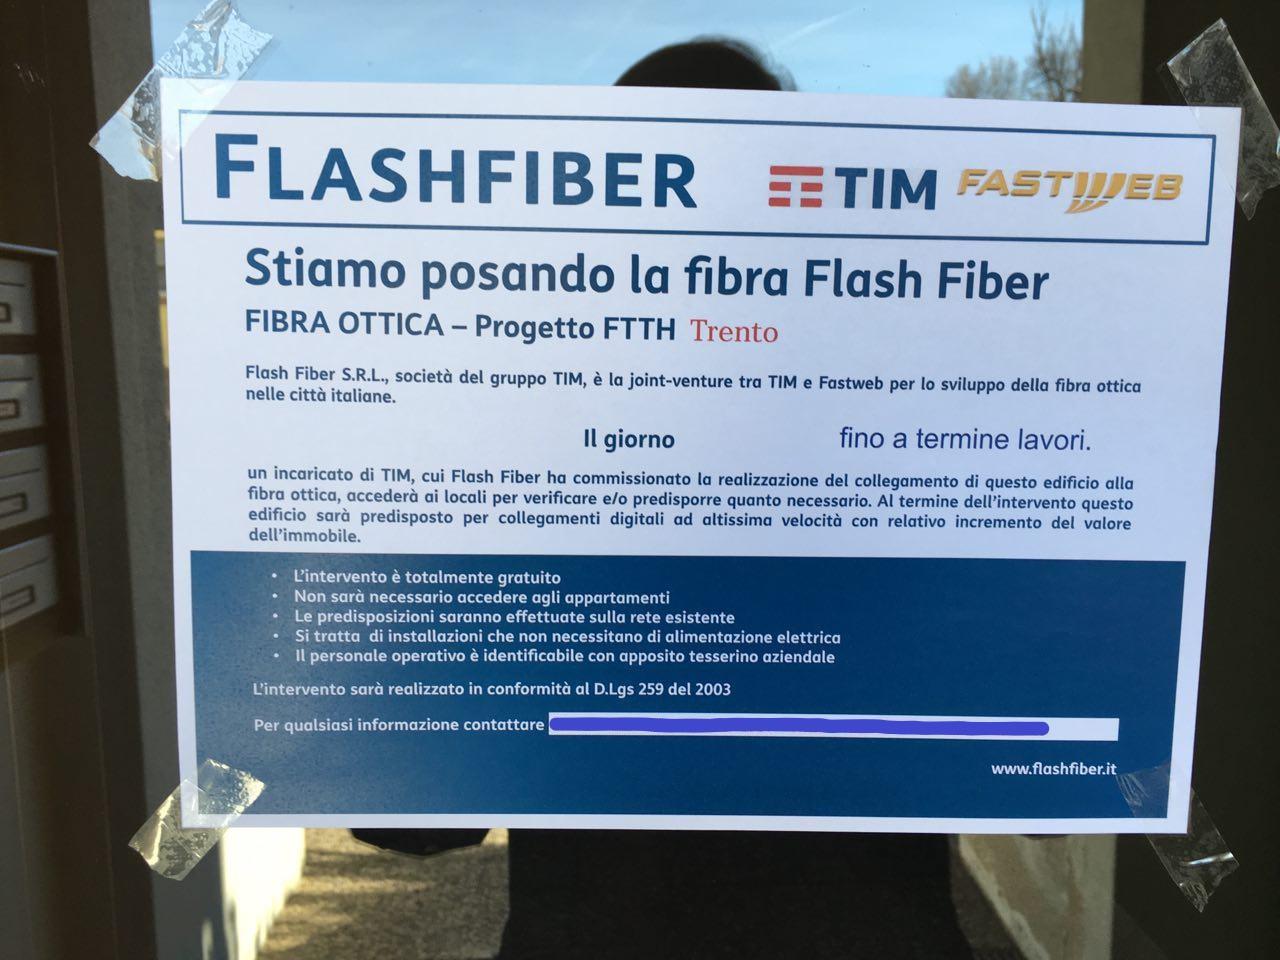 Schema Elettrico Wiki : Cos è e cosa fa flash fiber fibraclick wiki